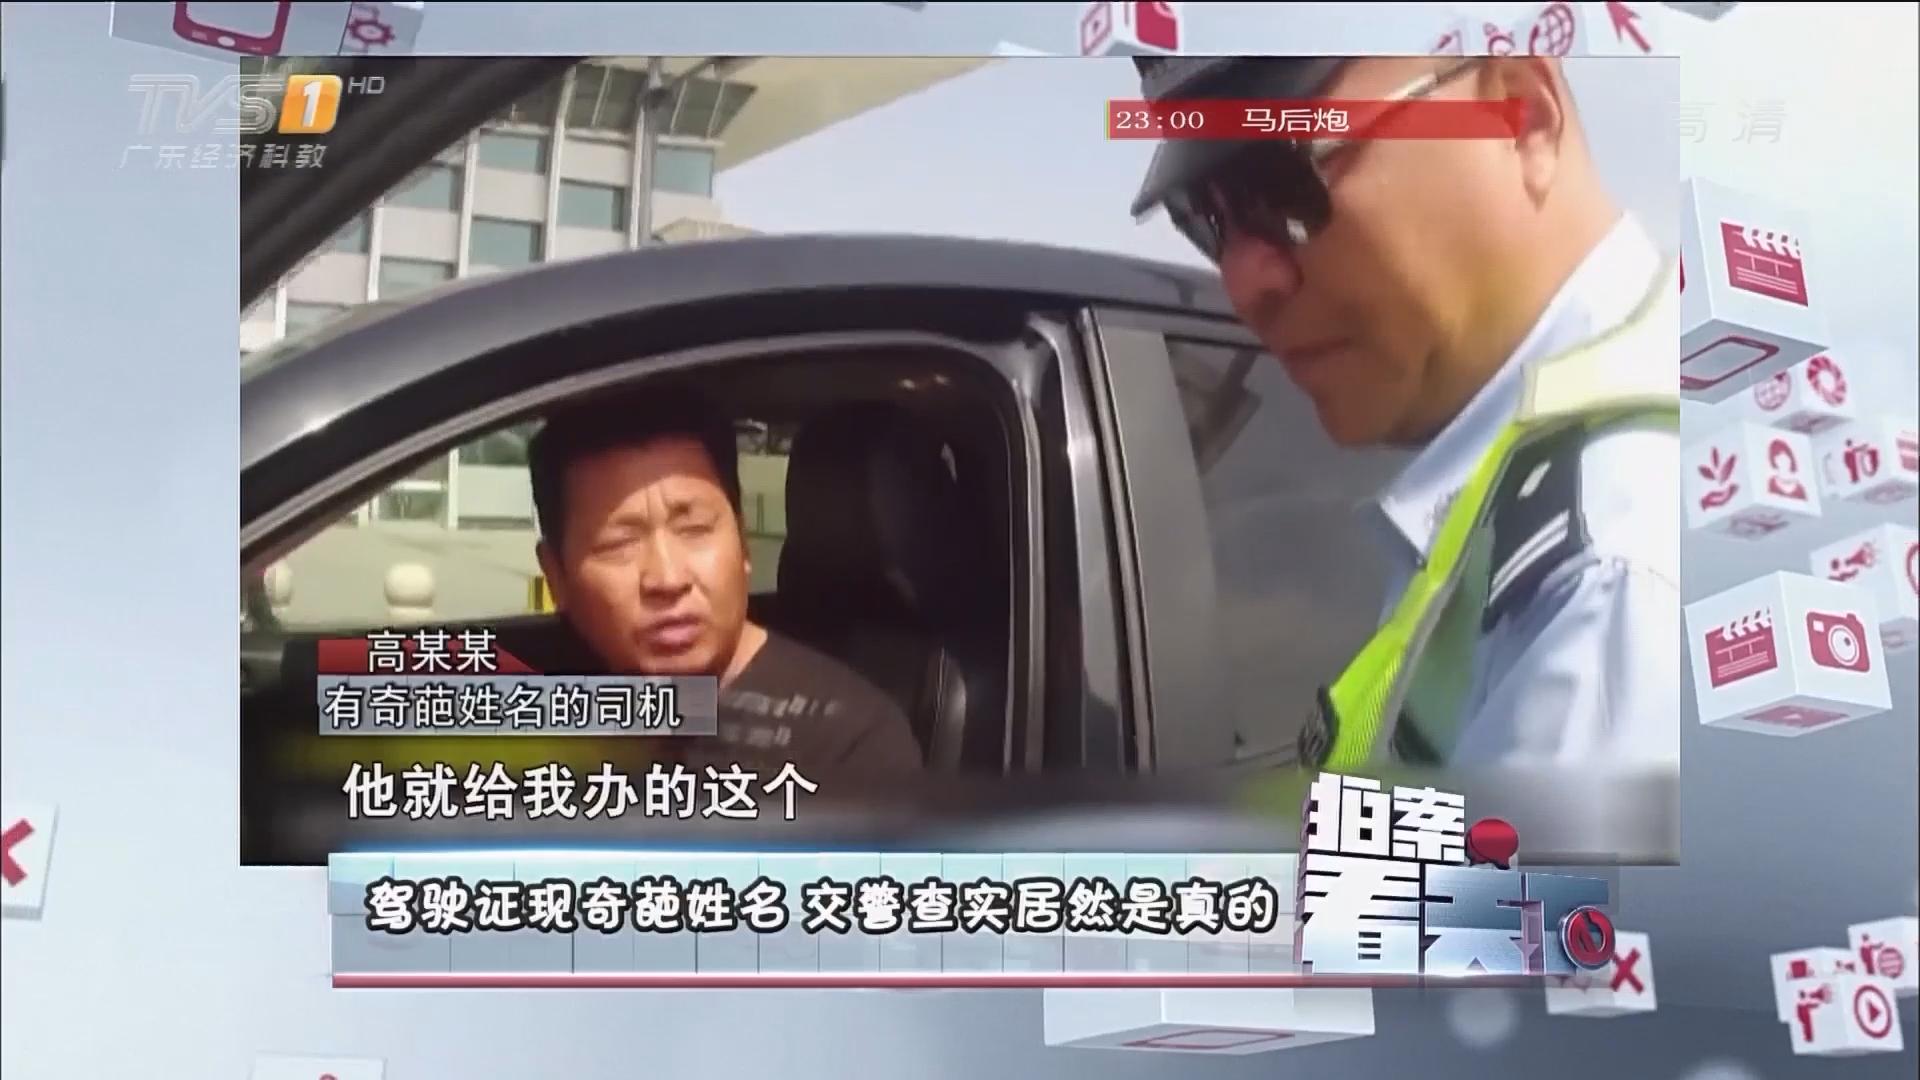 驾驶证现奇葩姓名 交警查实居然是真的